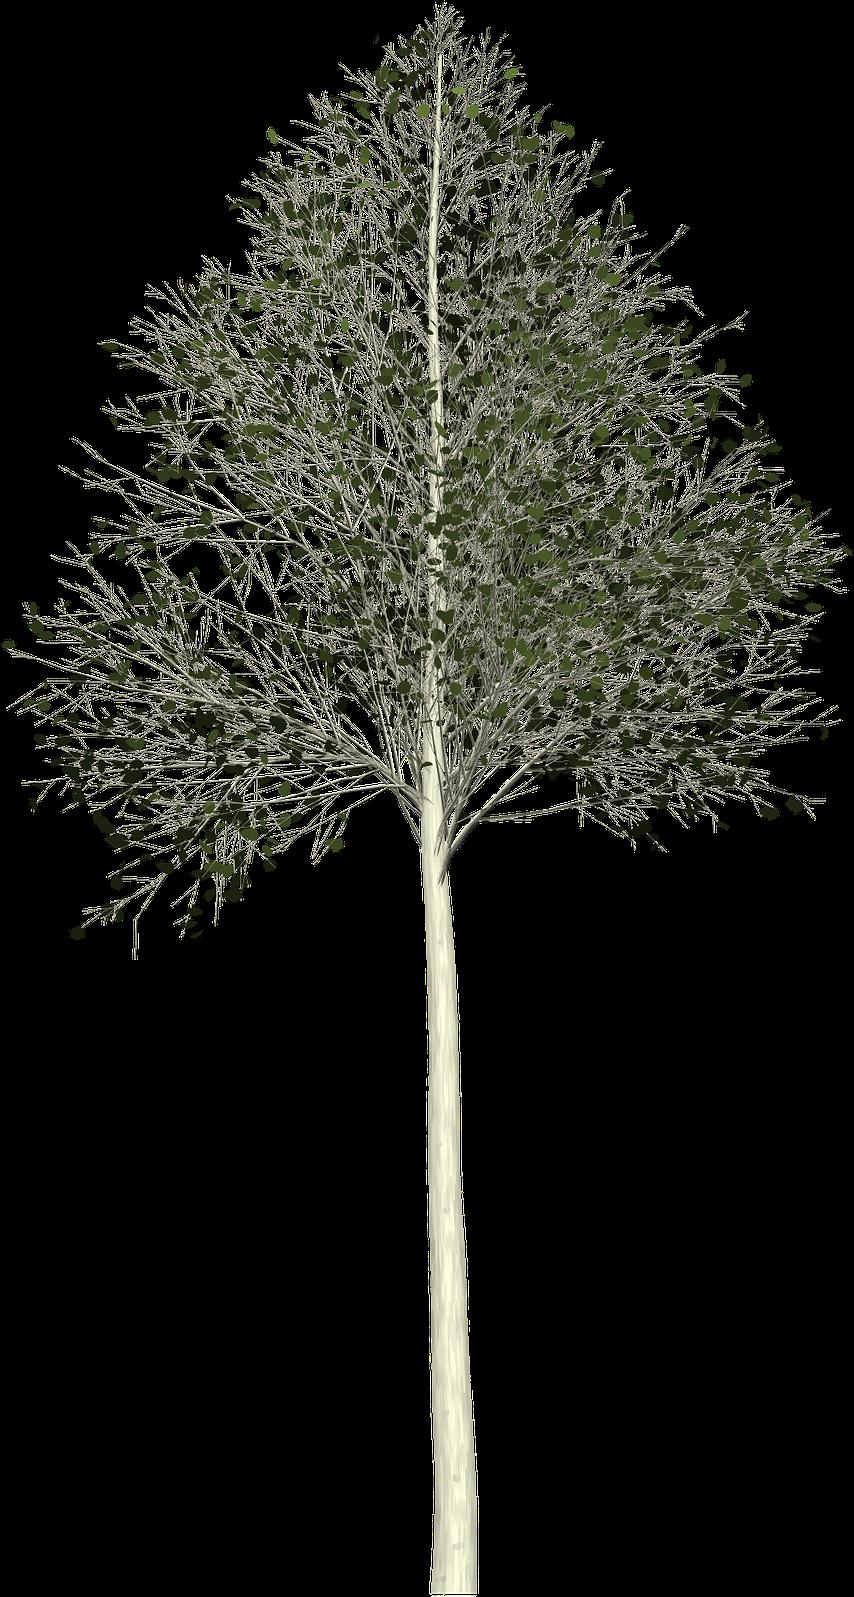 #FreeToEdit #ftestickers  #tree